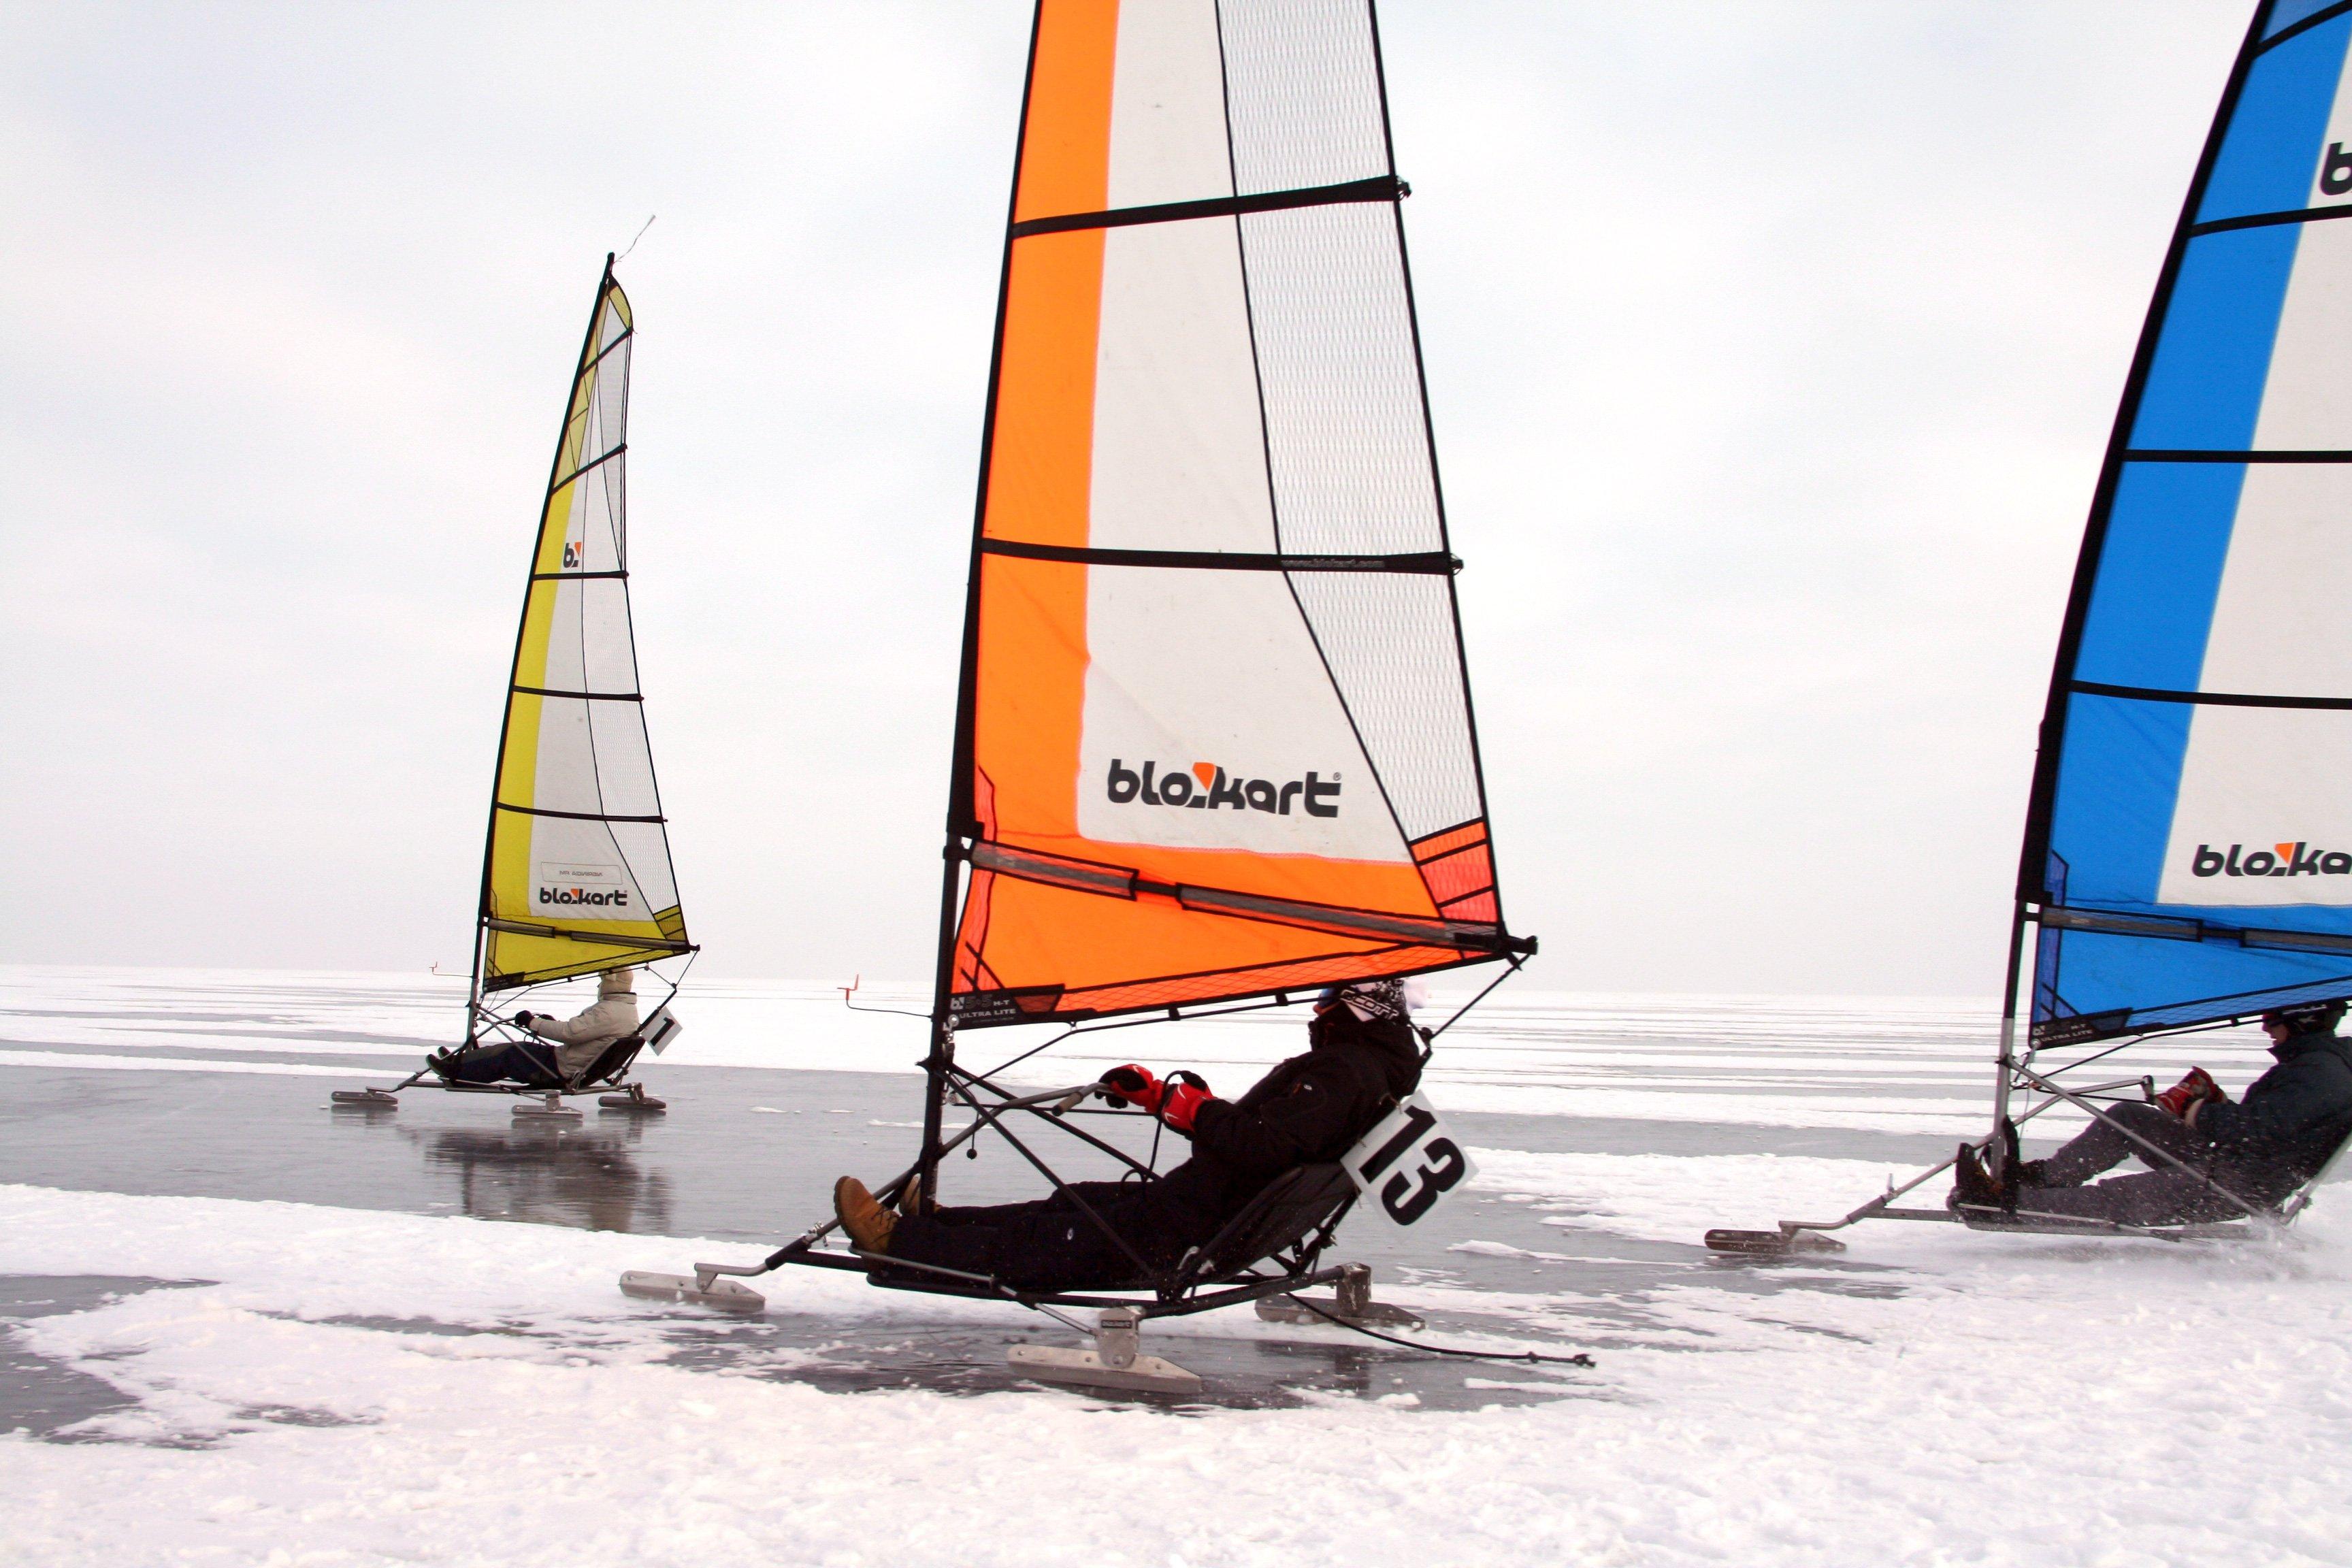 ledroges_ice-blockart_ziemos pramogos_aktyvios pramogos_pramogos pajuryje_irklakojis